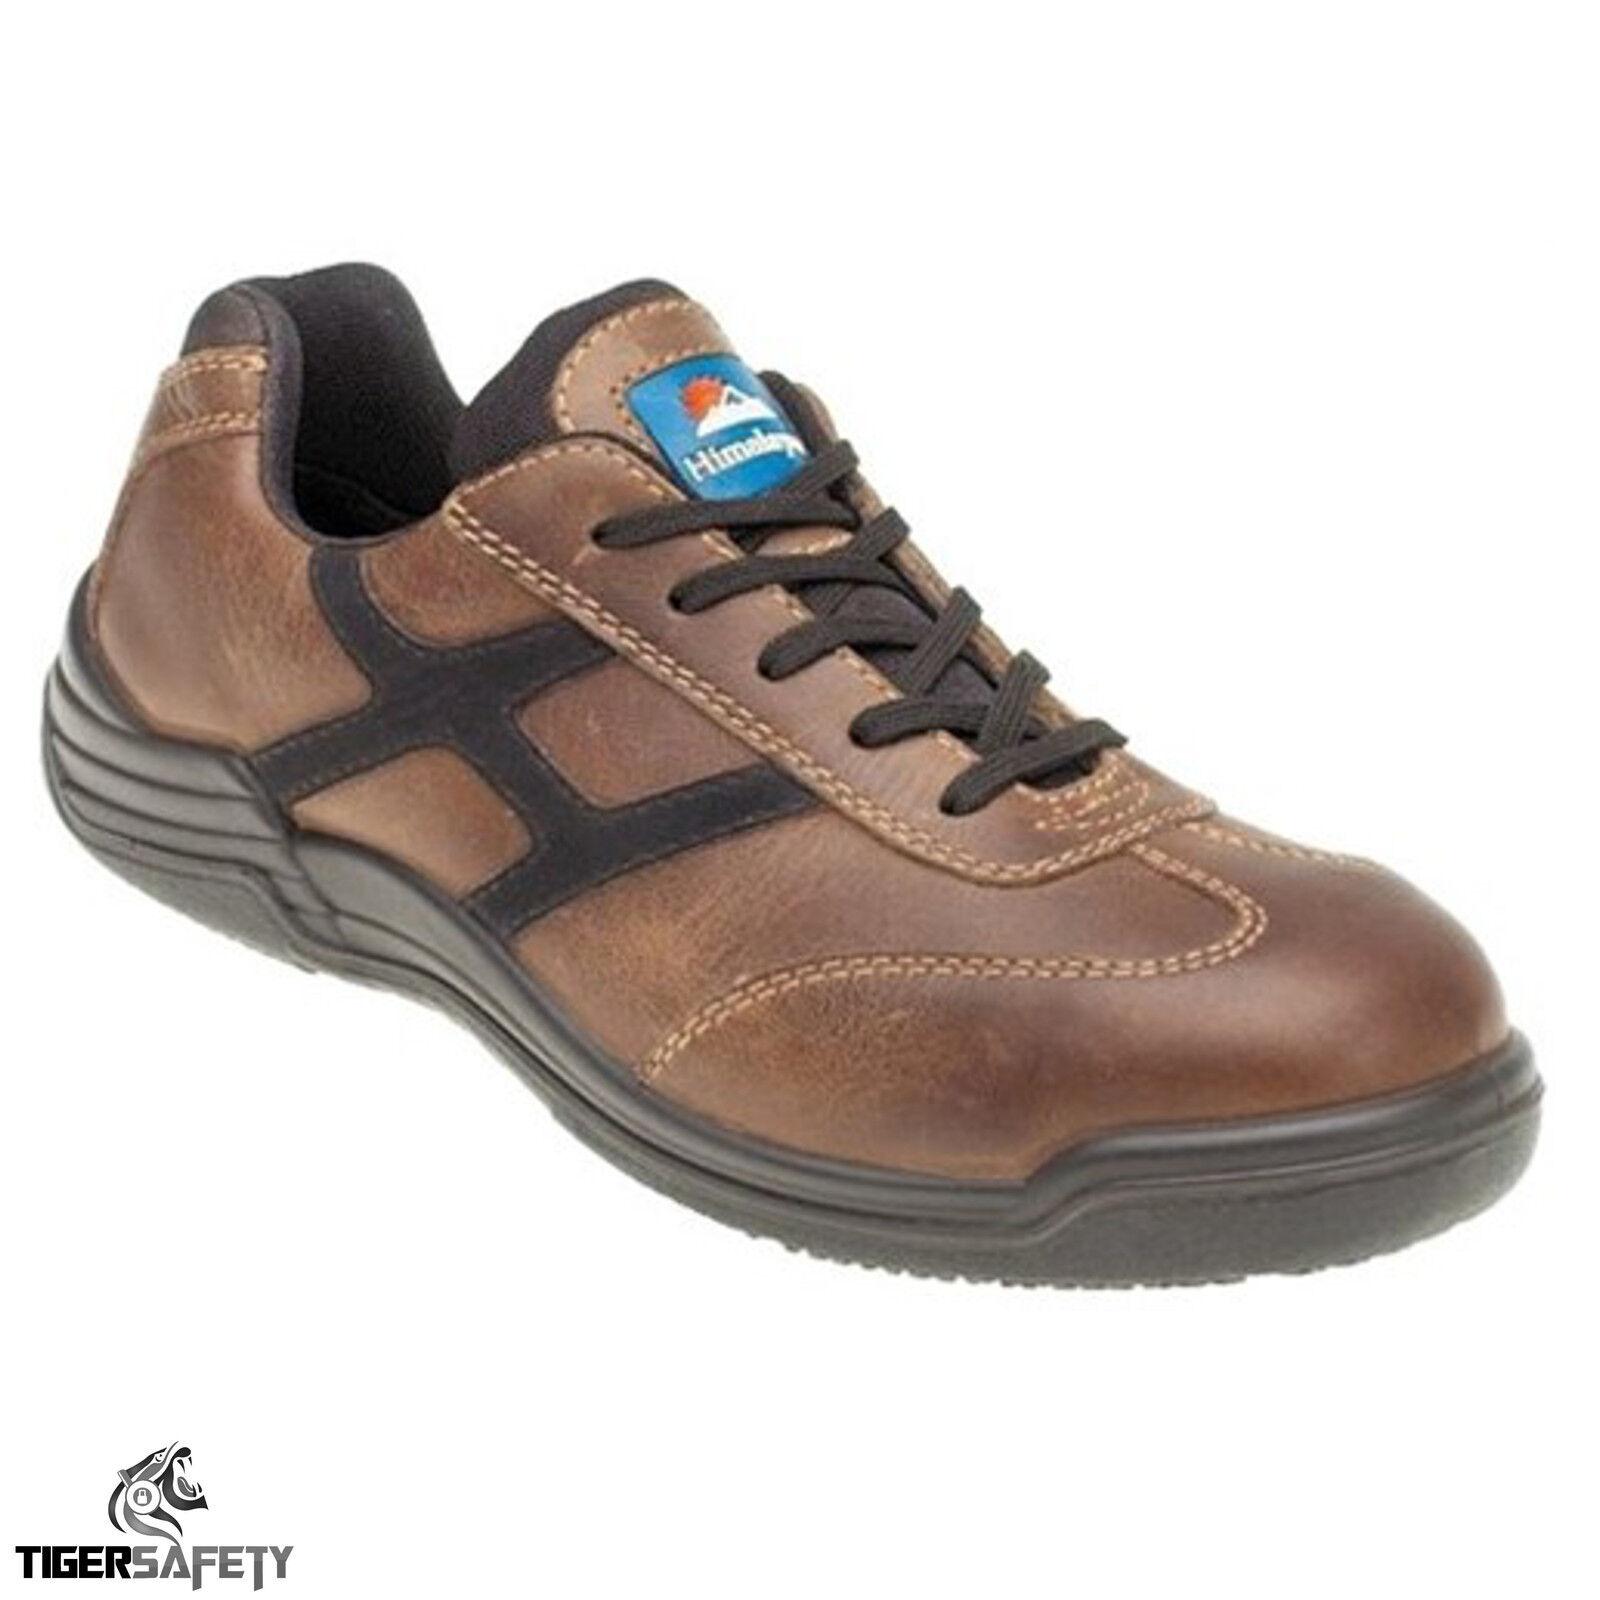 Himalayan 4201 S1P punta SRC pelle marrone con punta S1P COMPOSITA sicurezza scarpe e0943e